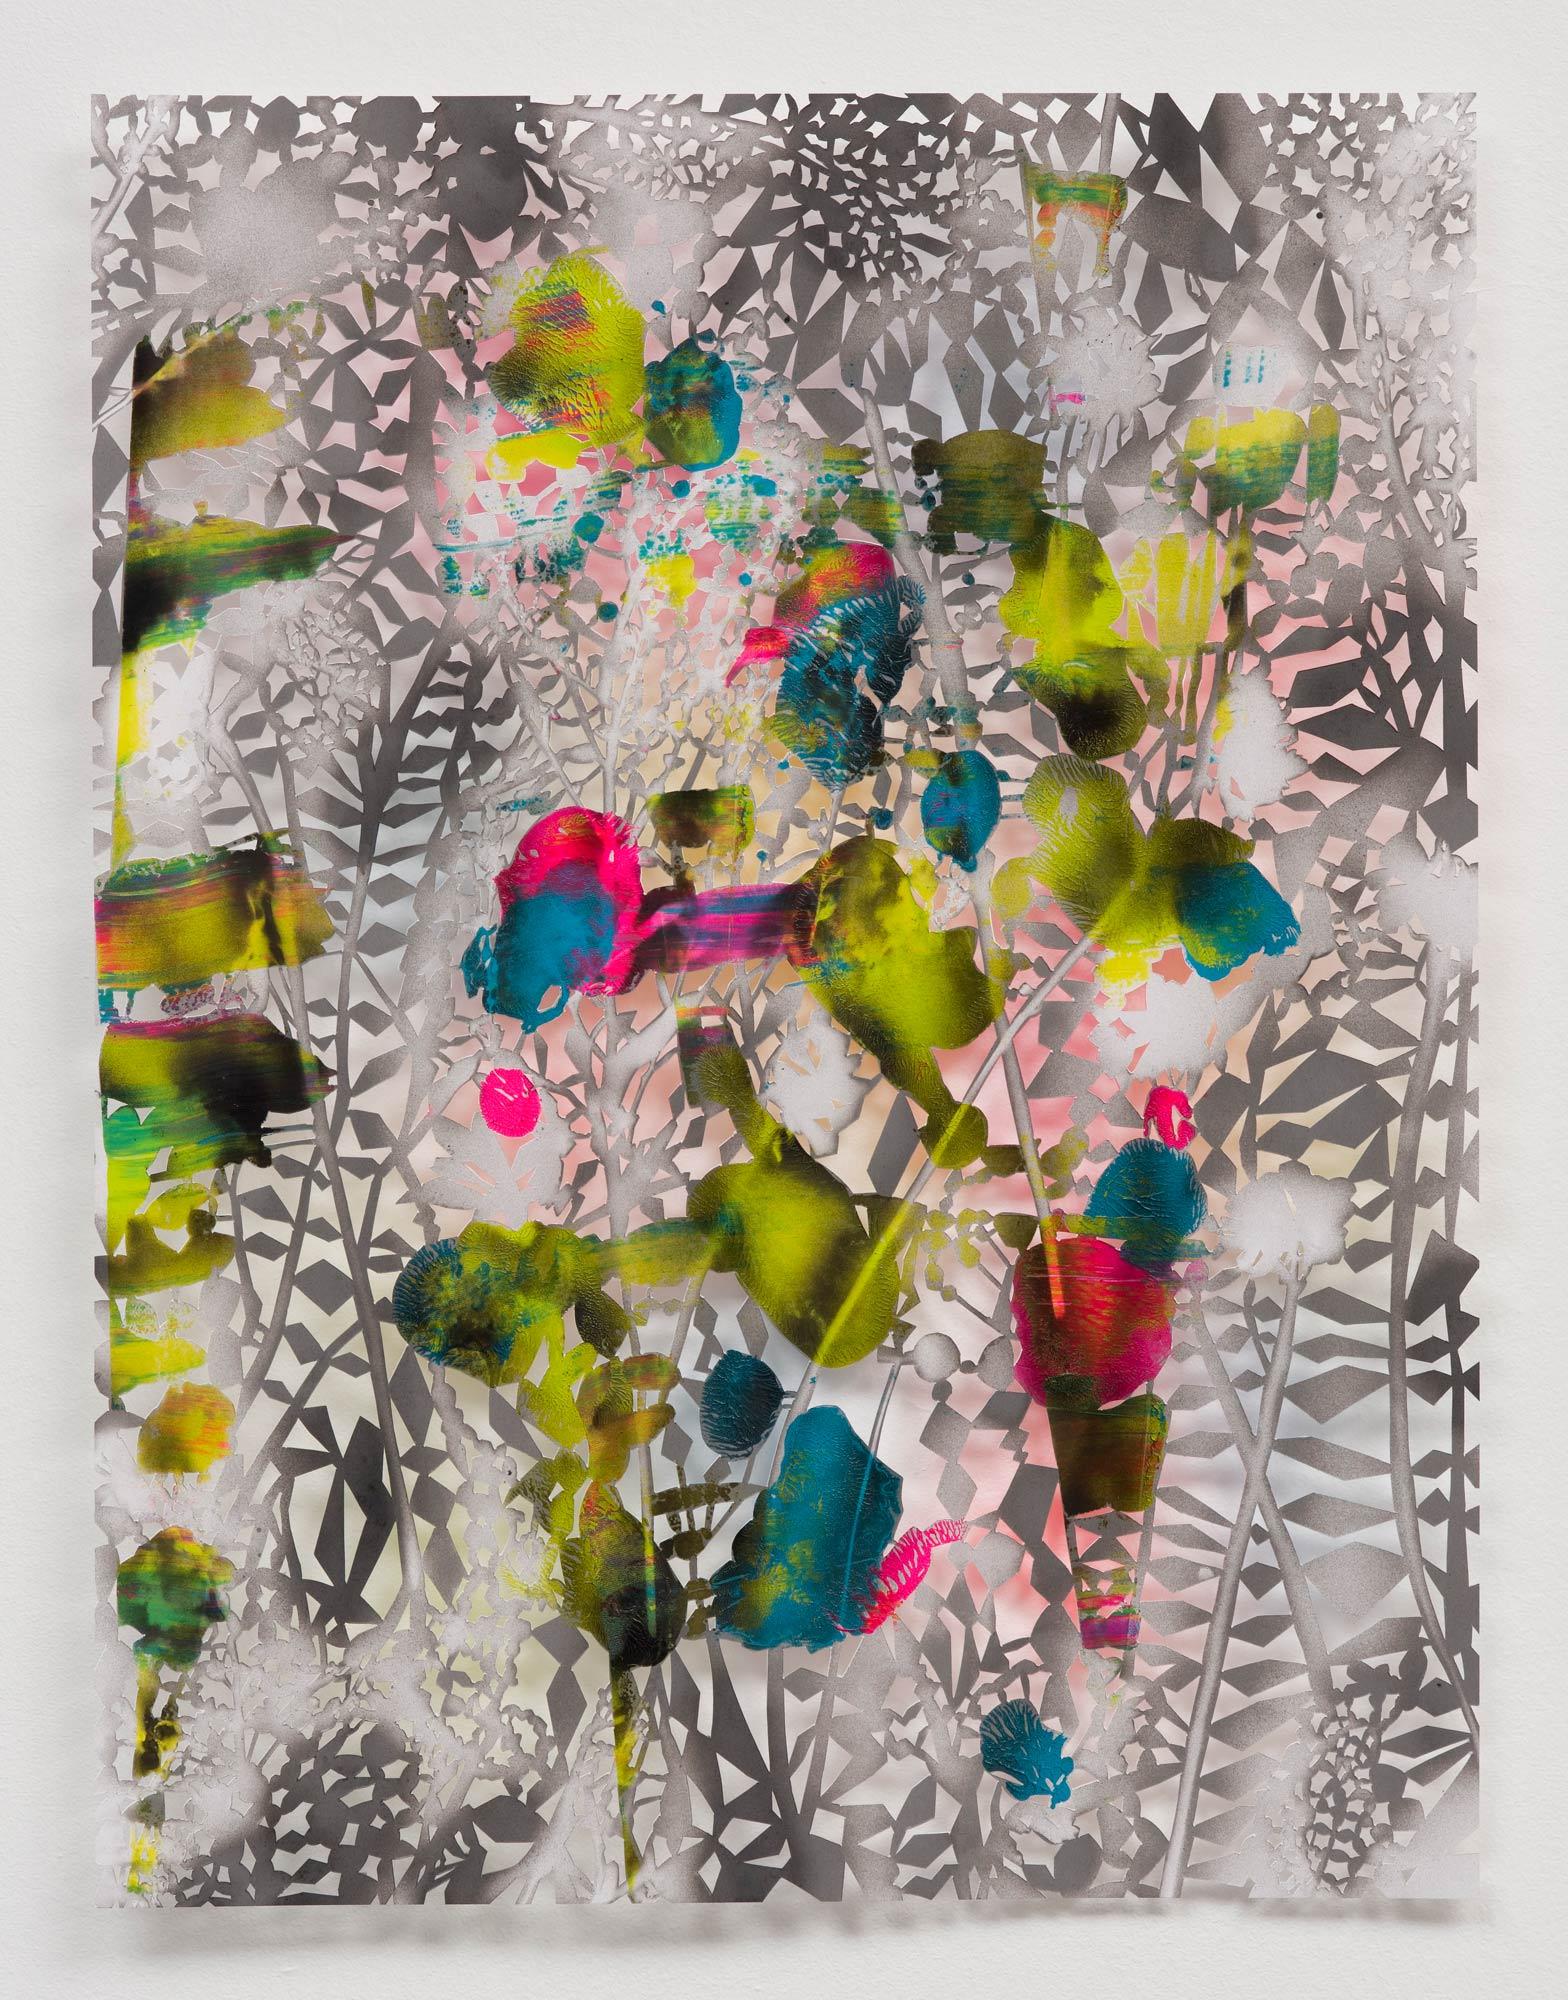 Gabriele Basch, hannahs garden IX, 2017, spraypaint on cutout paper, 65 x 50 cm